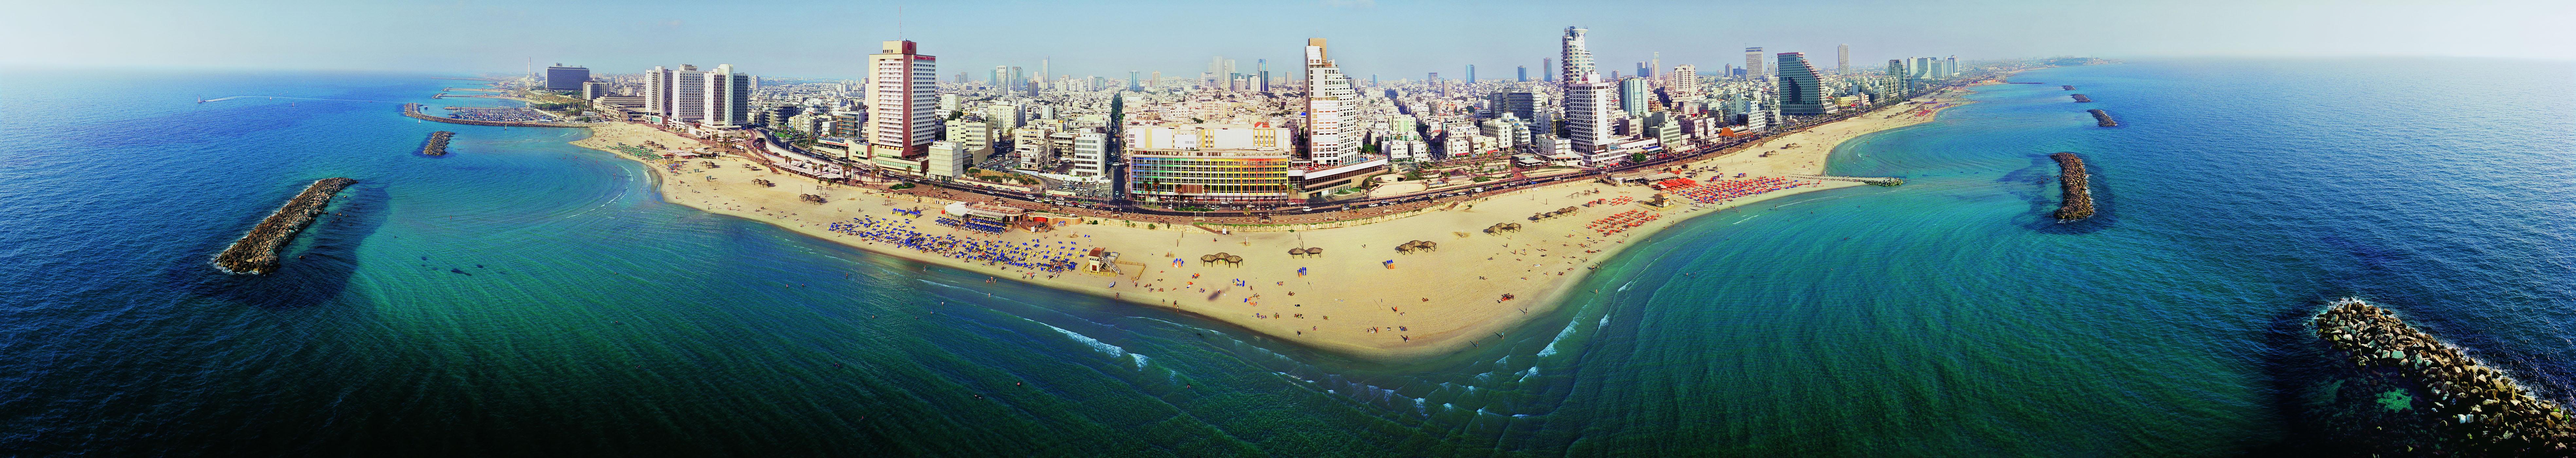 חופי תל אביב 360 מעלות